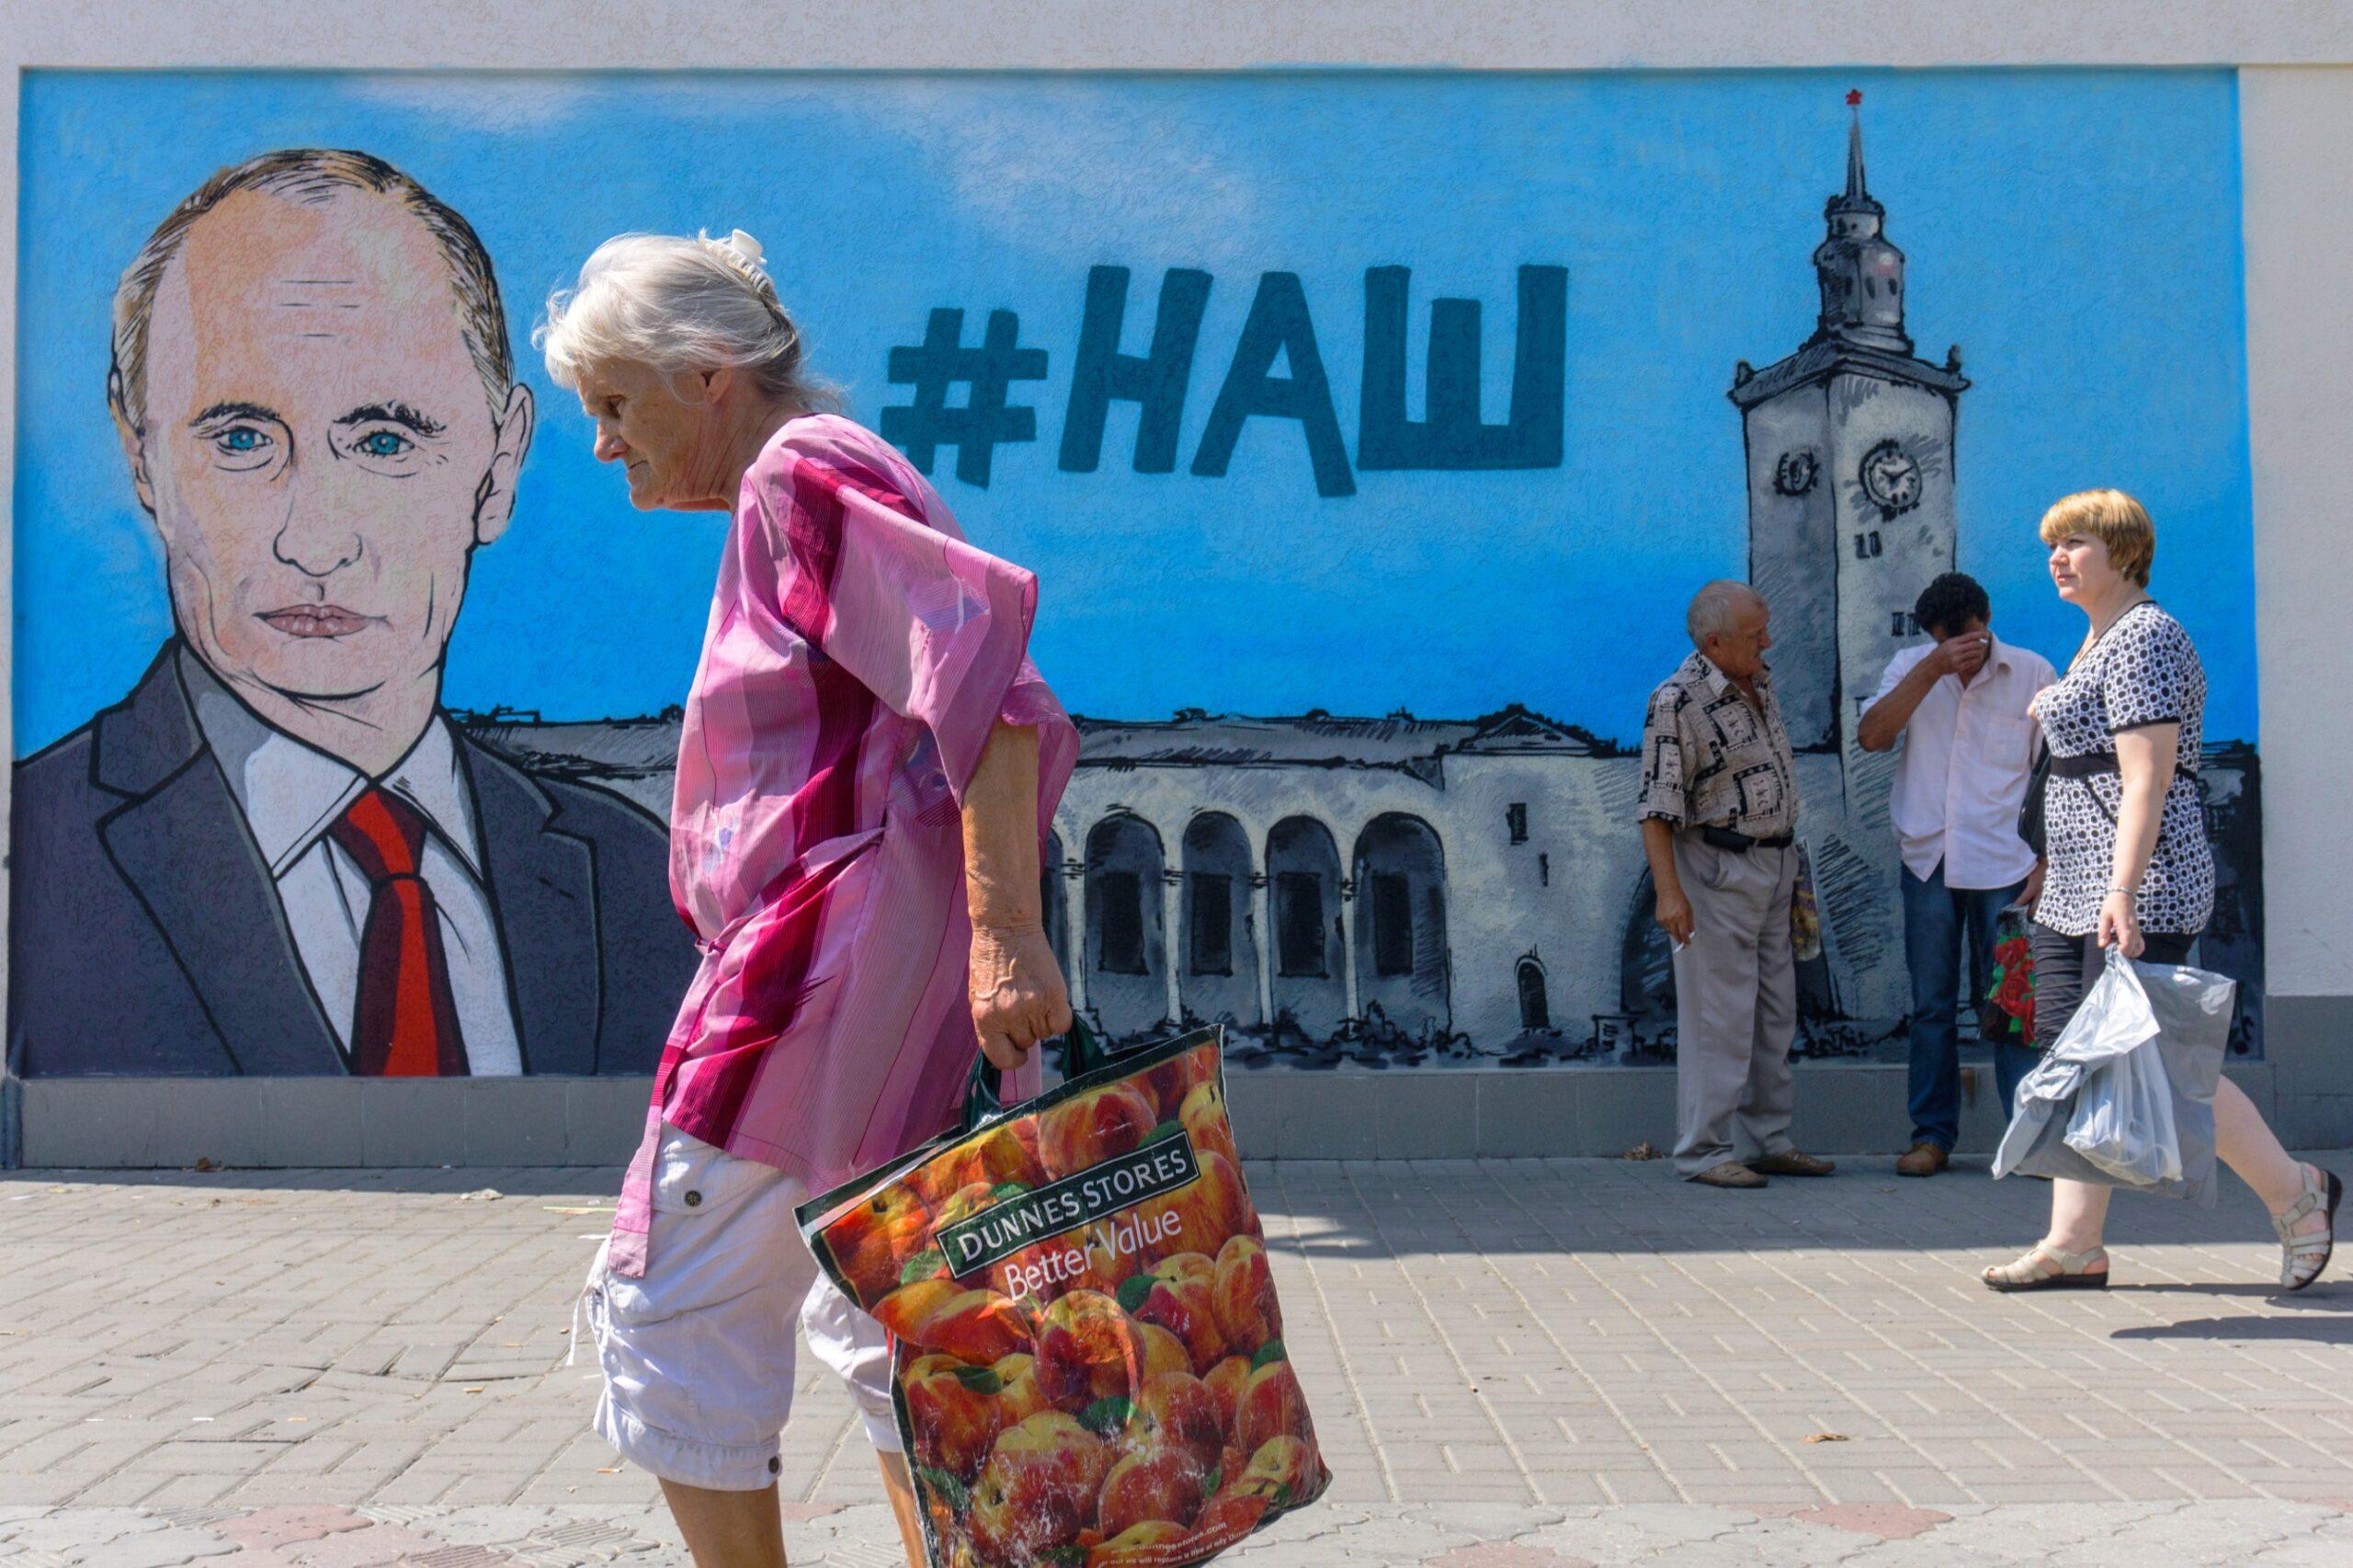 Американский журналист выяснил, действительно ли в Крыму «нет еды» Журналист,Крым,Мнения,Иностранцы,Поездка,США